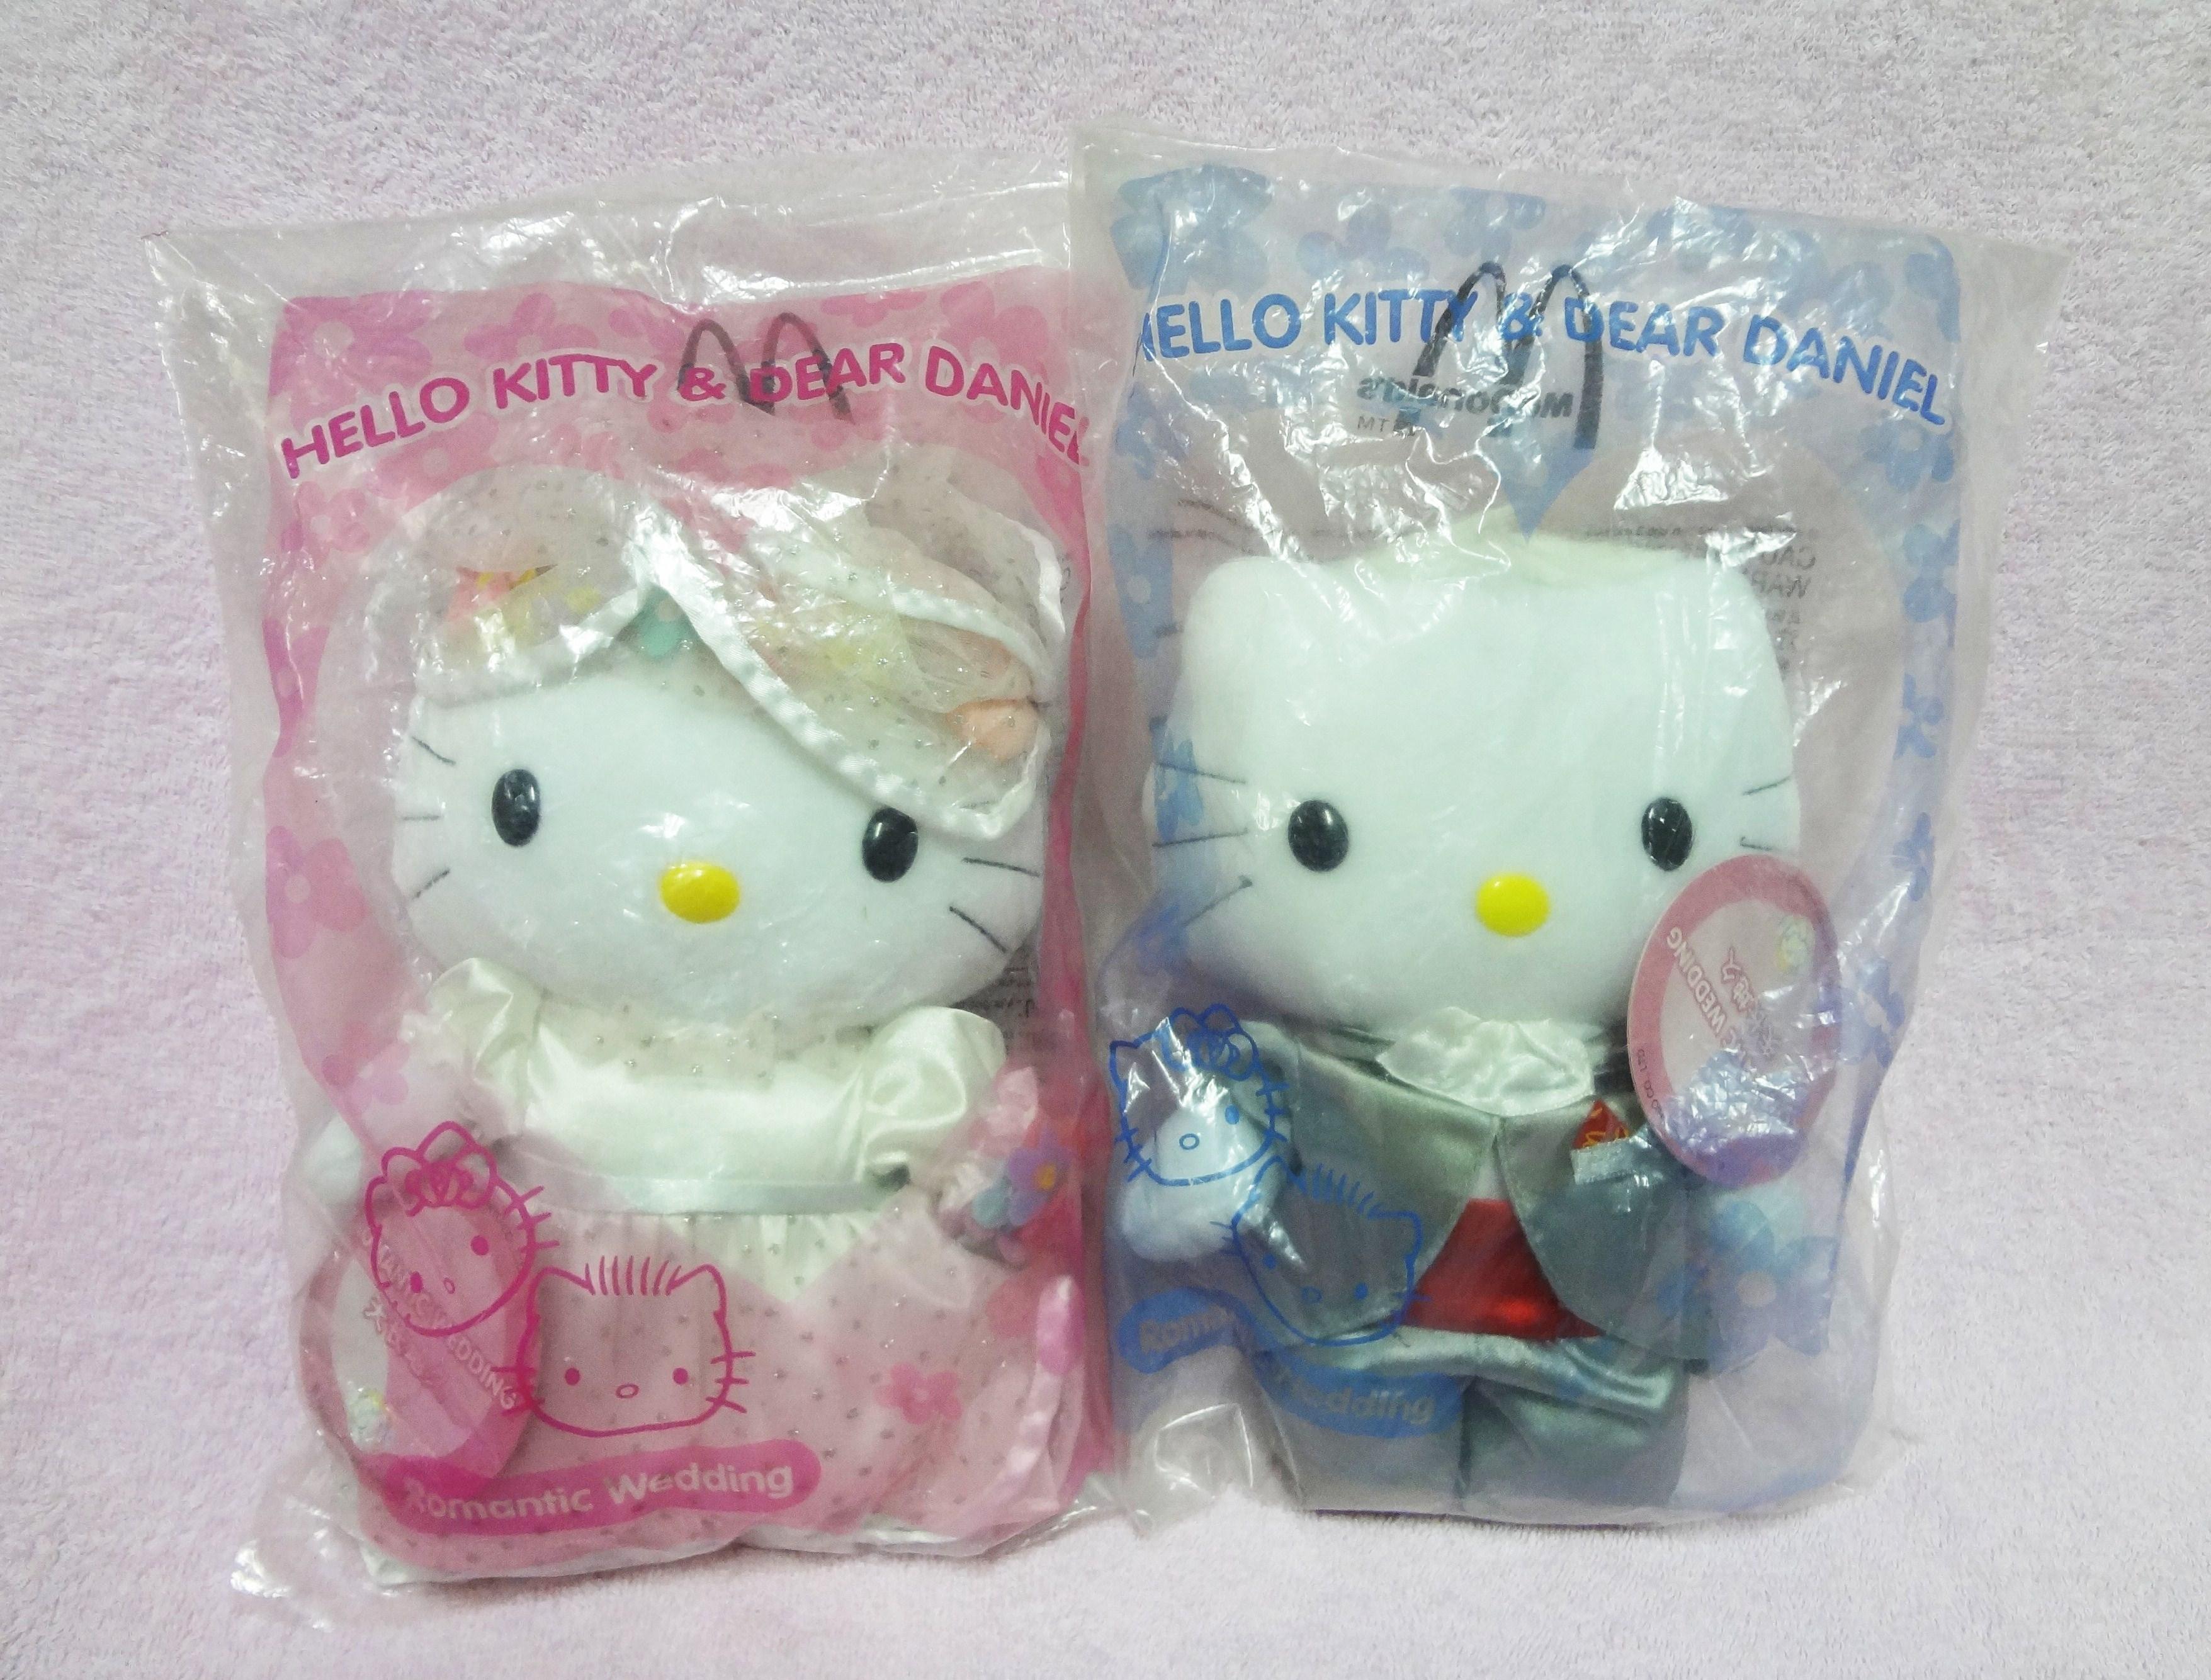 ตุ๊กตา Hello Kitty&Dear Daniel Romantic Wedding